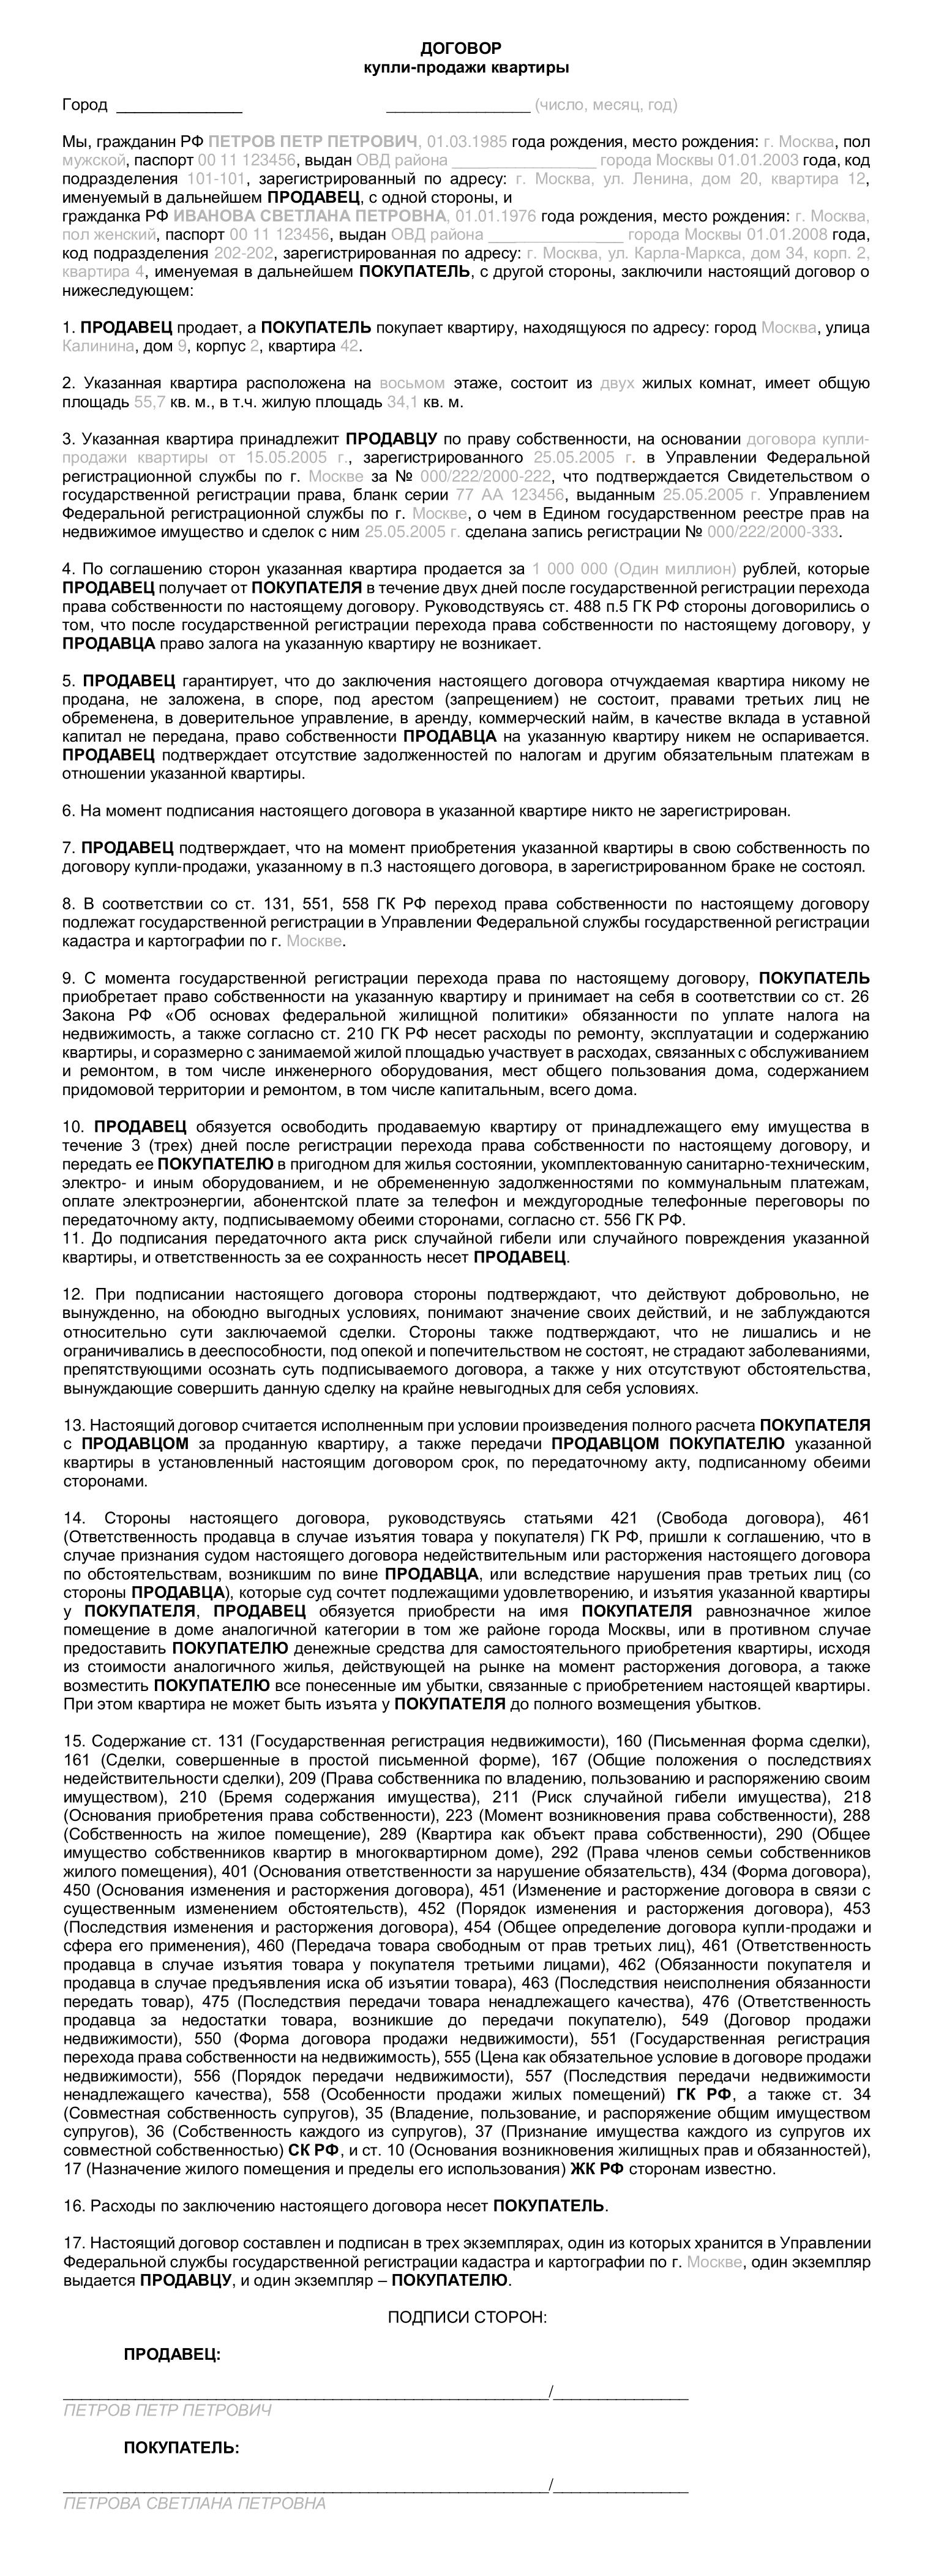 Договор купли-продажи квартиры (образец)